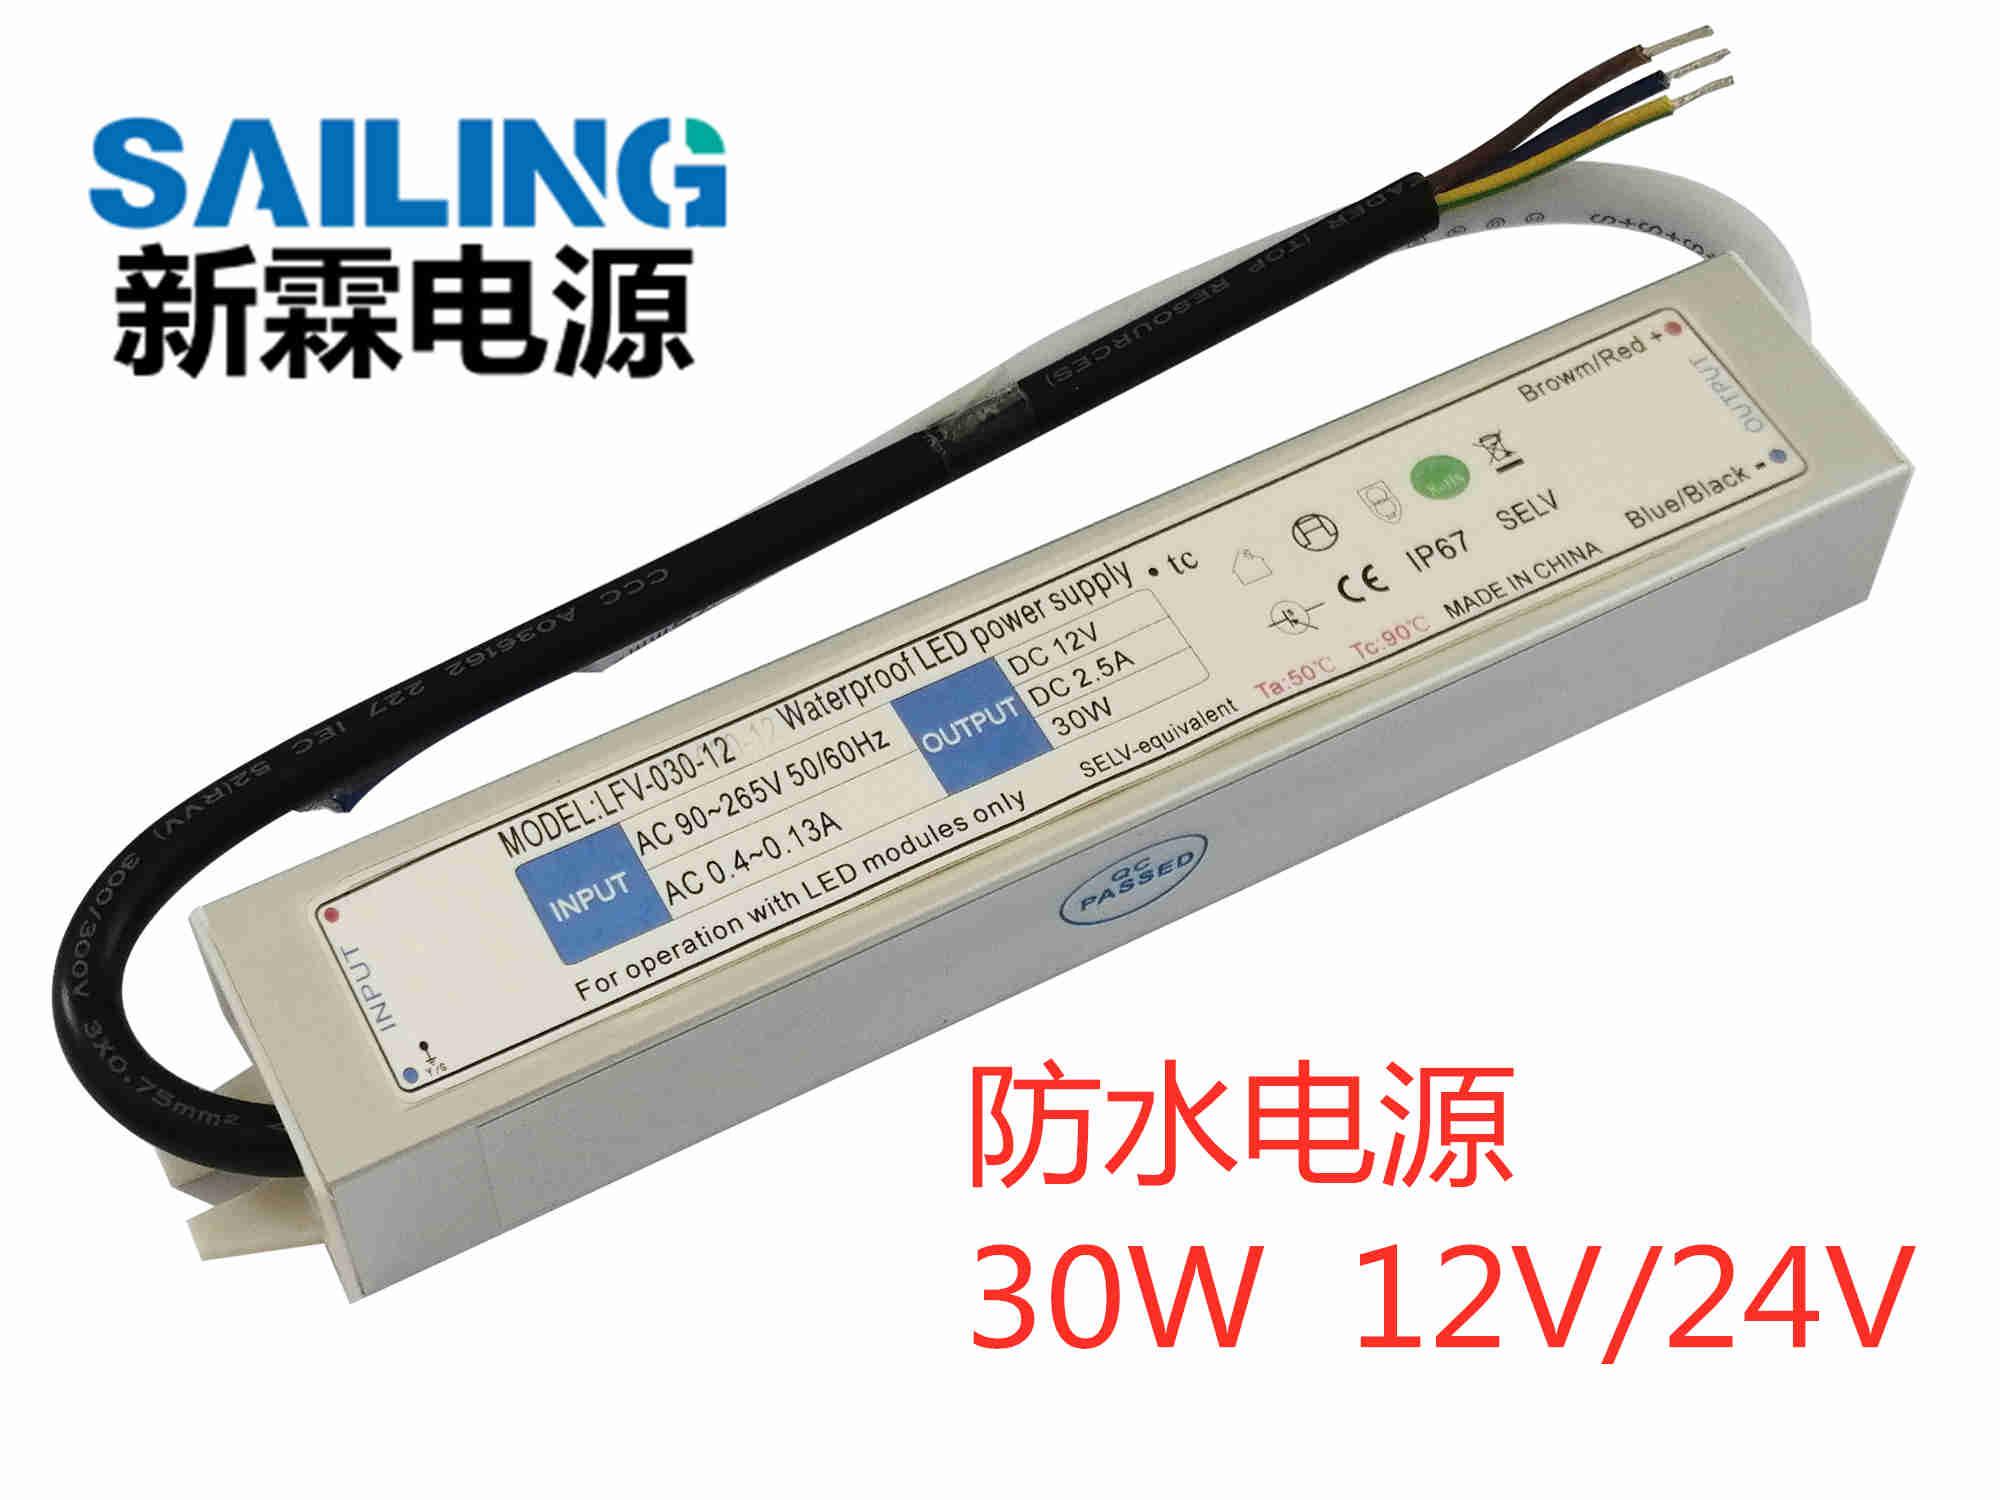 LED防水电源灯笼灯条灯带驱动电源恒压12V 24V电源